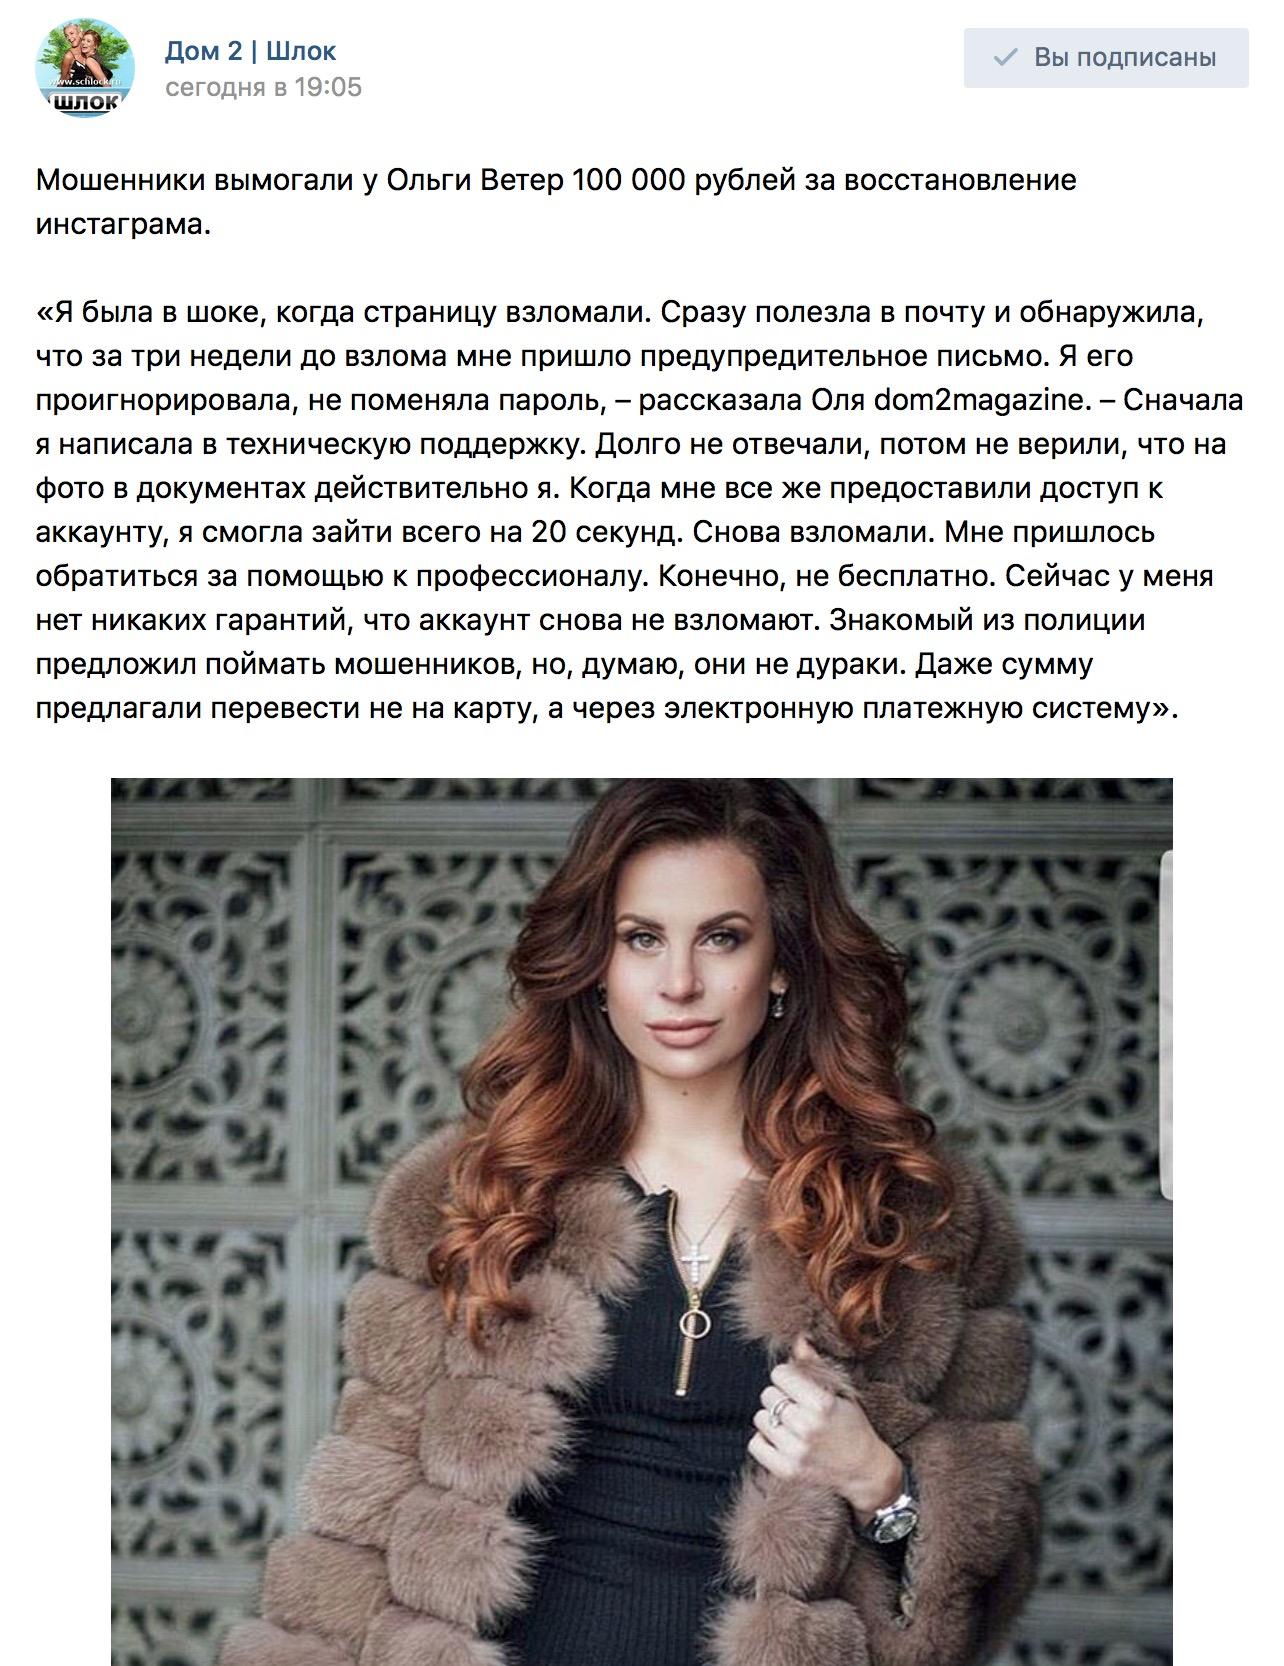 Вымогали у Ольги Ветер 100 000 рублей